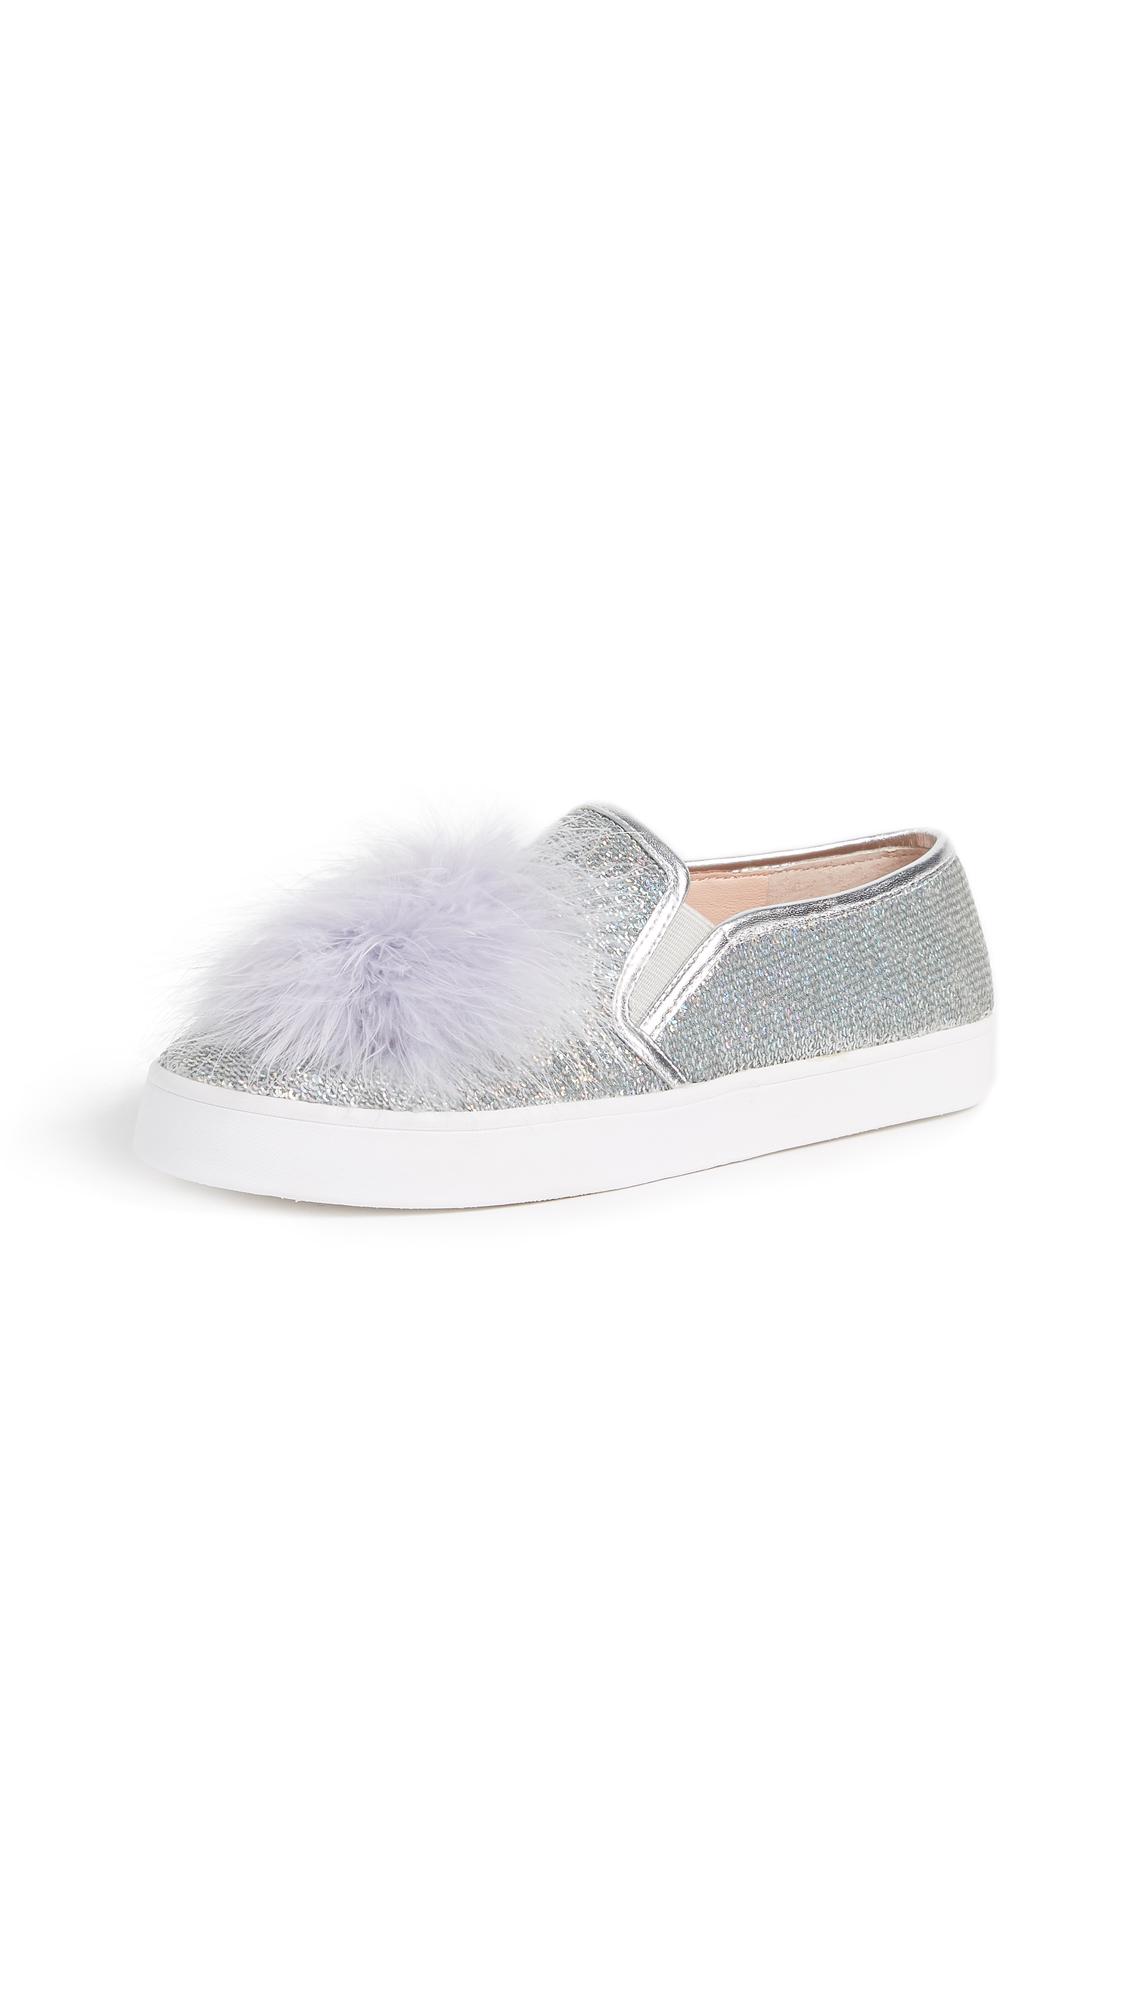 Kate Spade New York Latisa Pom Pom Sneakers - Silver